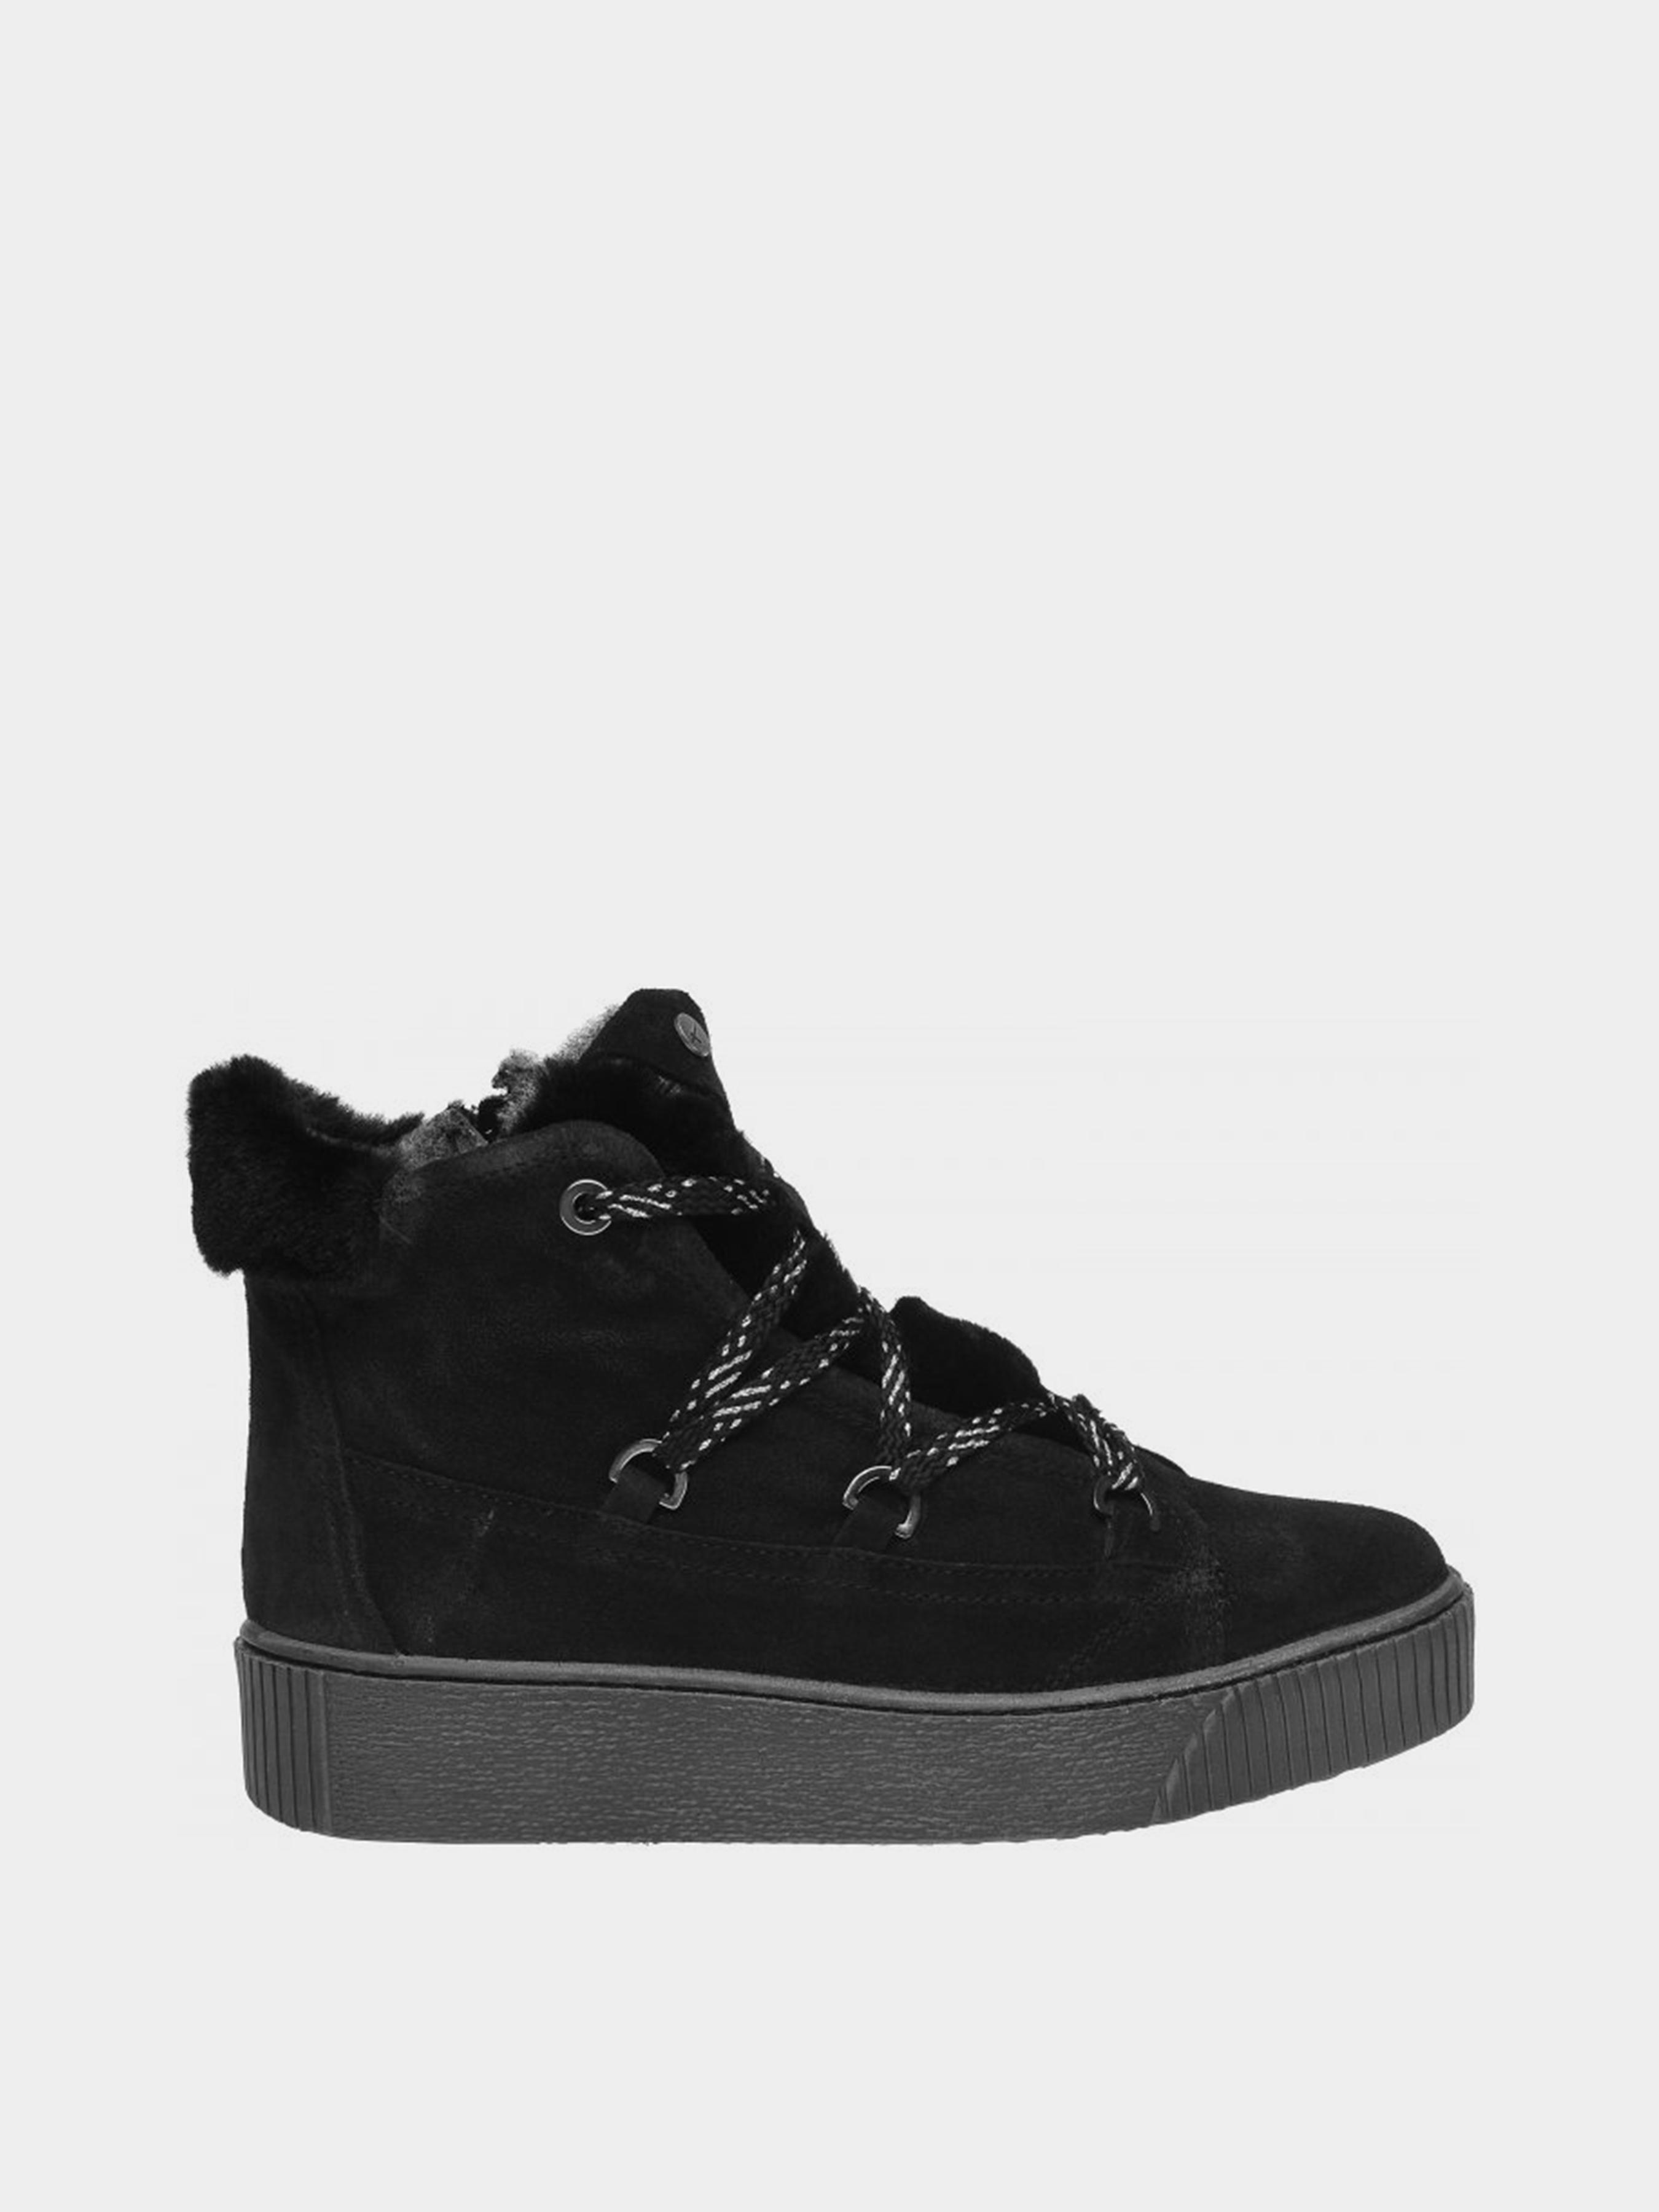 Ботинки для женщин Tamaris IS670 брендовые, 2017